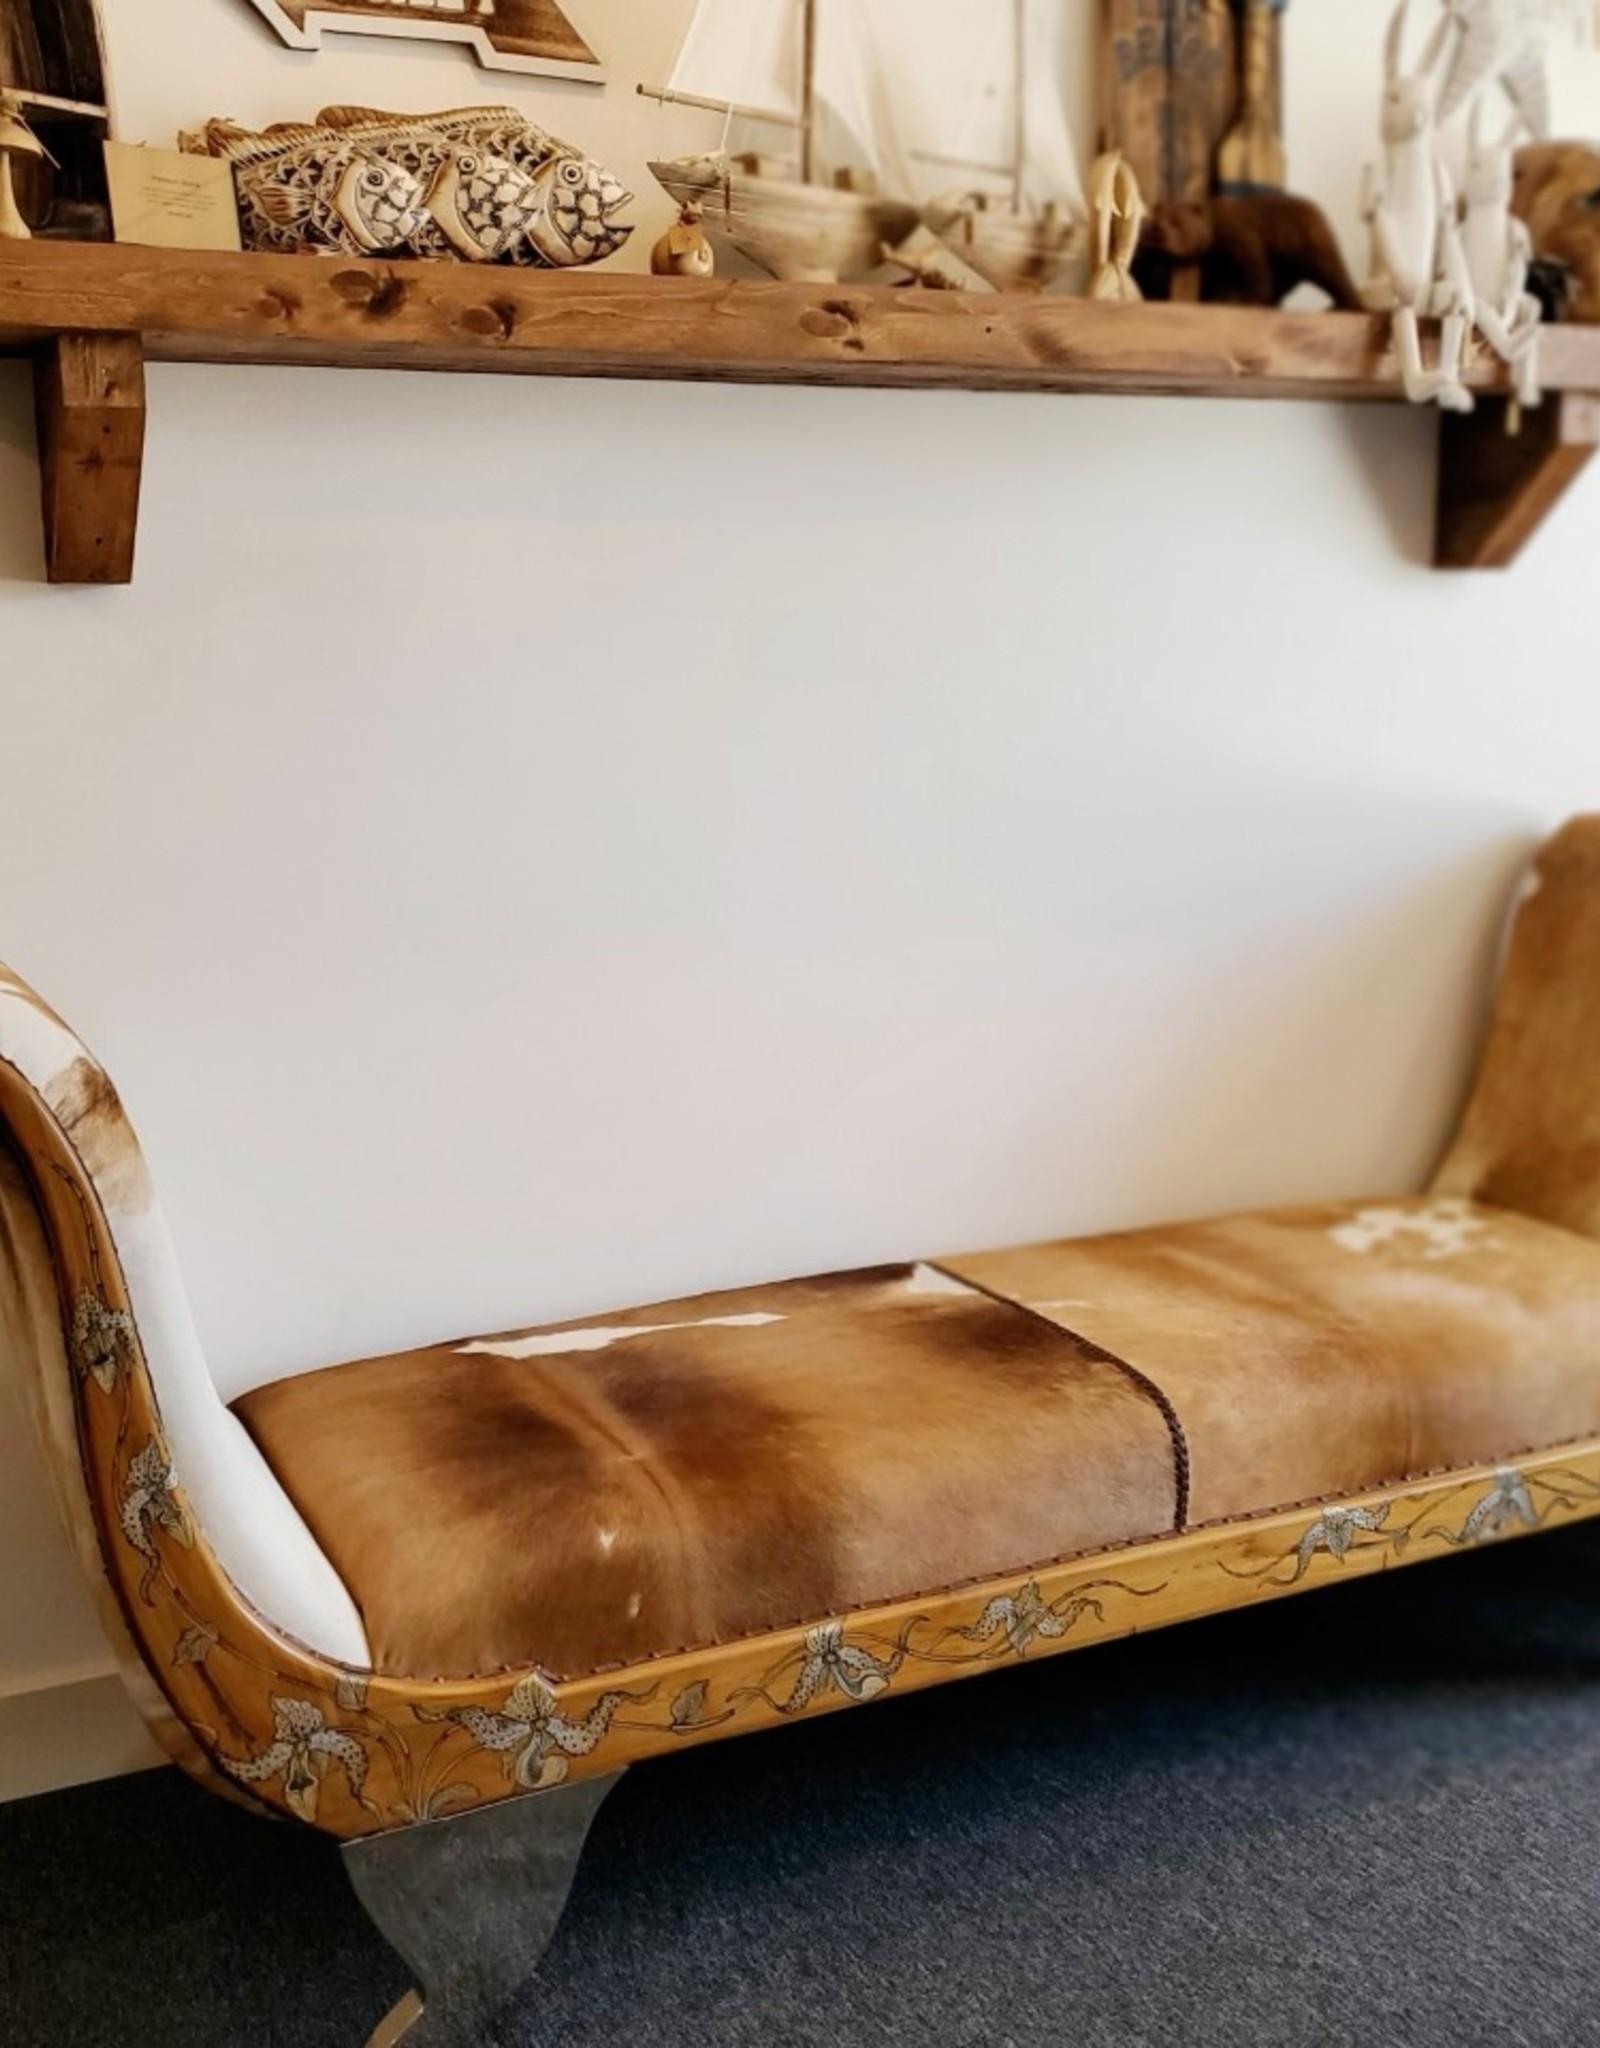 Perahu Sofa